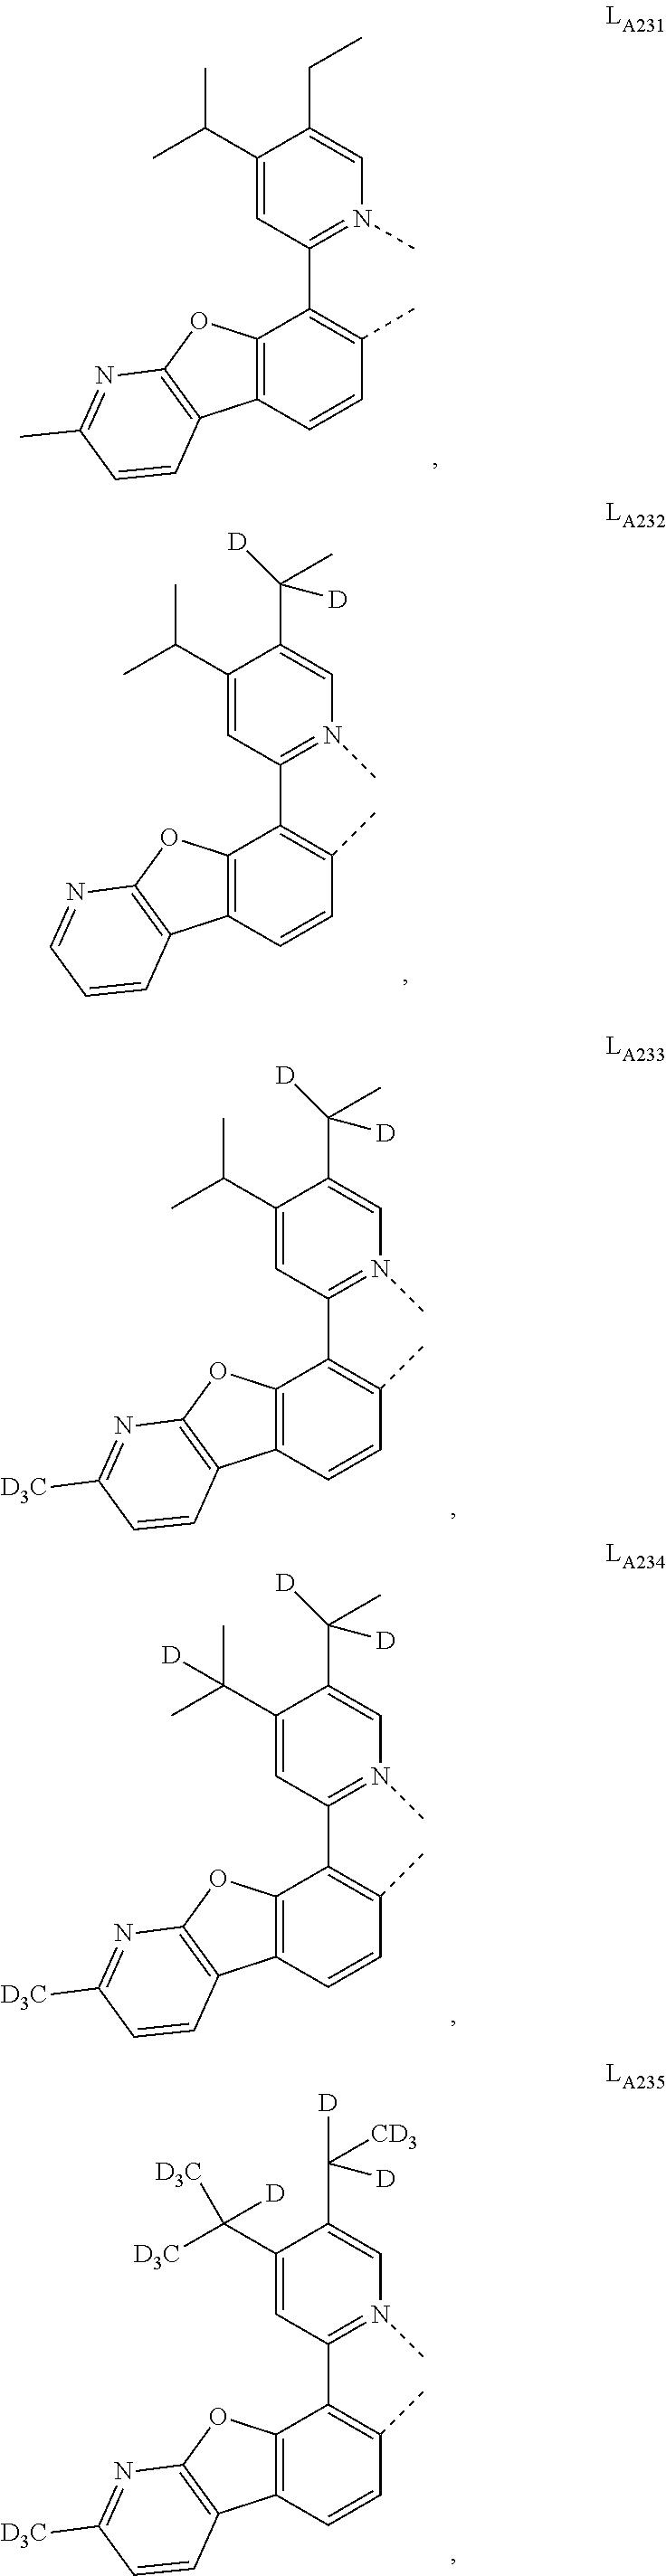 Figure US20160049599A1-20160218-C00448